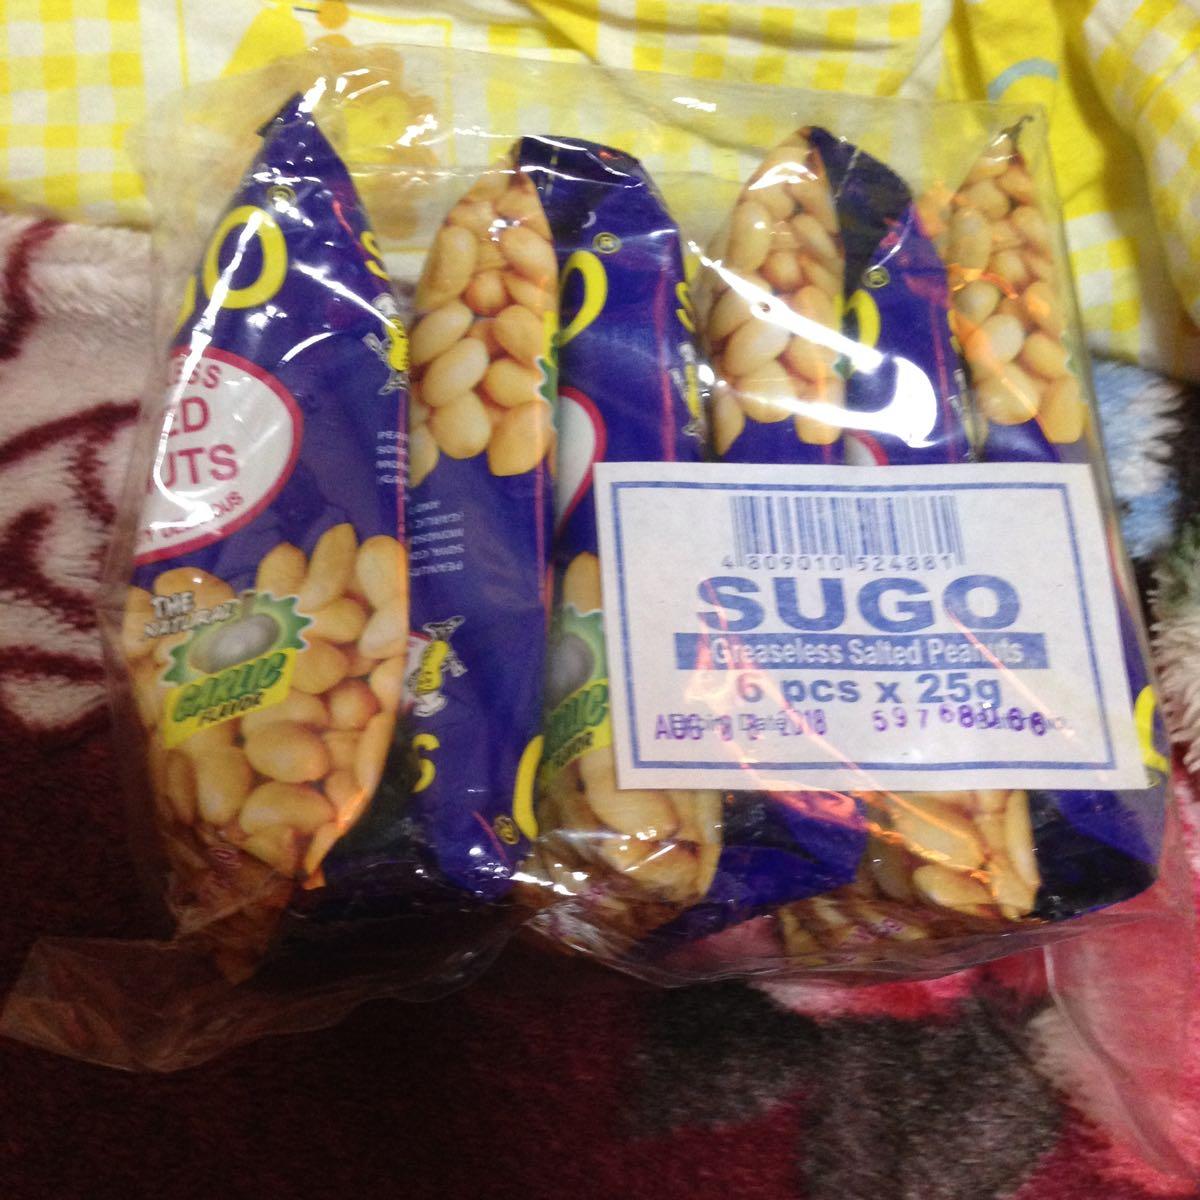 フィリピン おつまみ菓子 SUGO SALTED PEANUTS 6p入り お得!(◎_◎;)_画像2